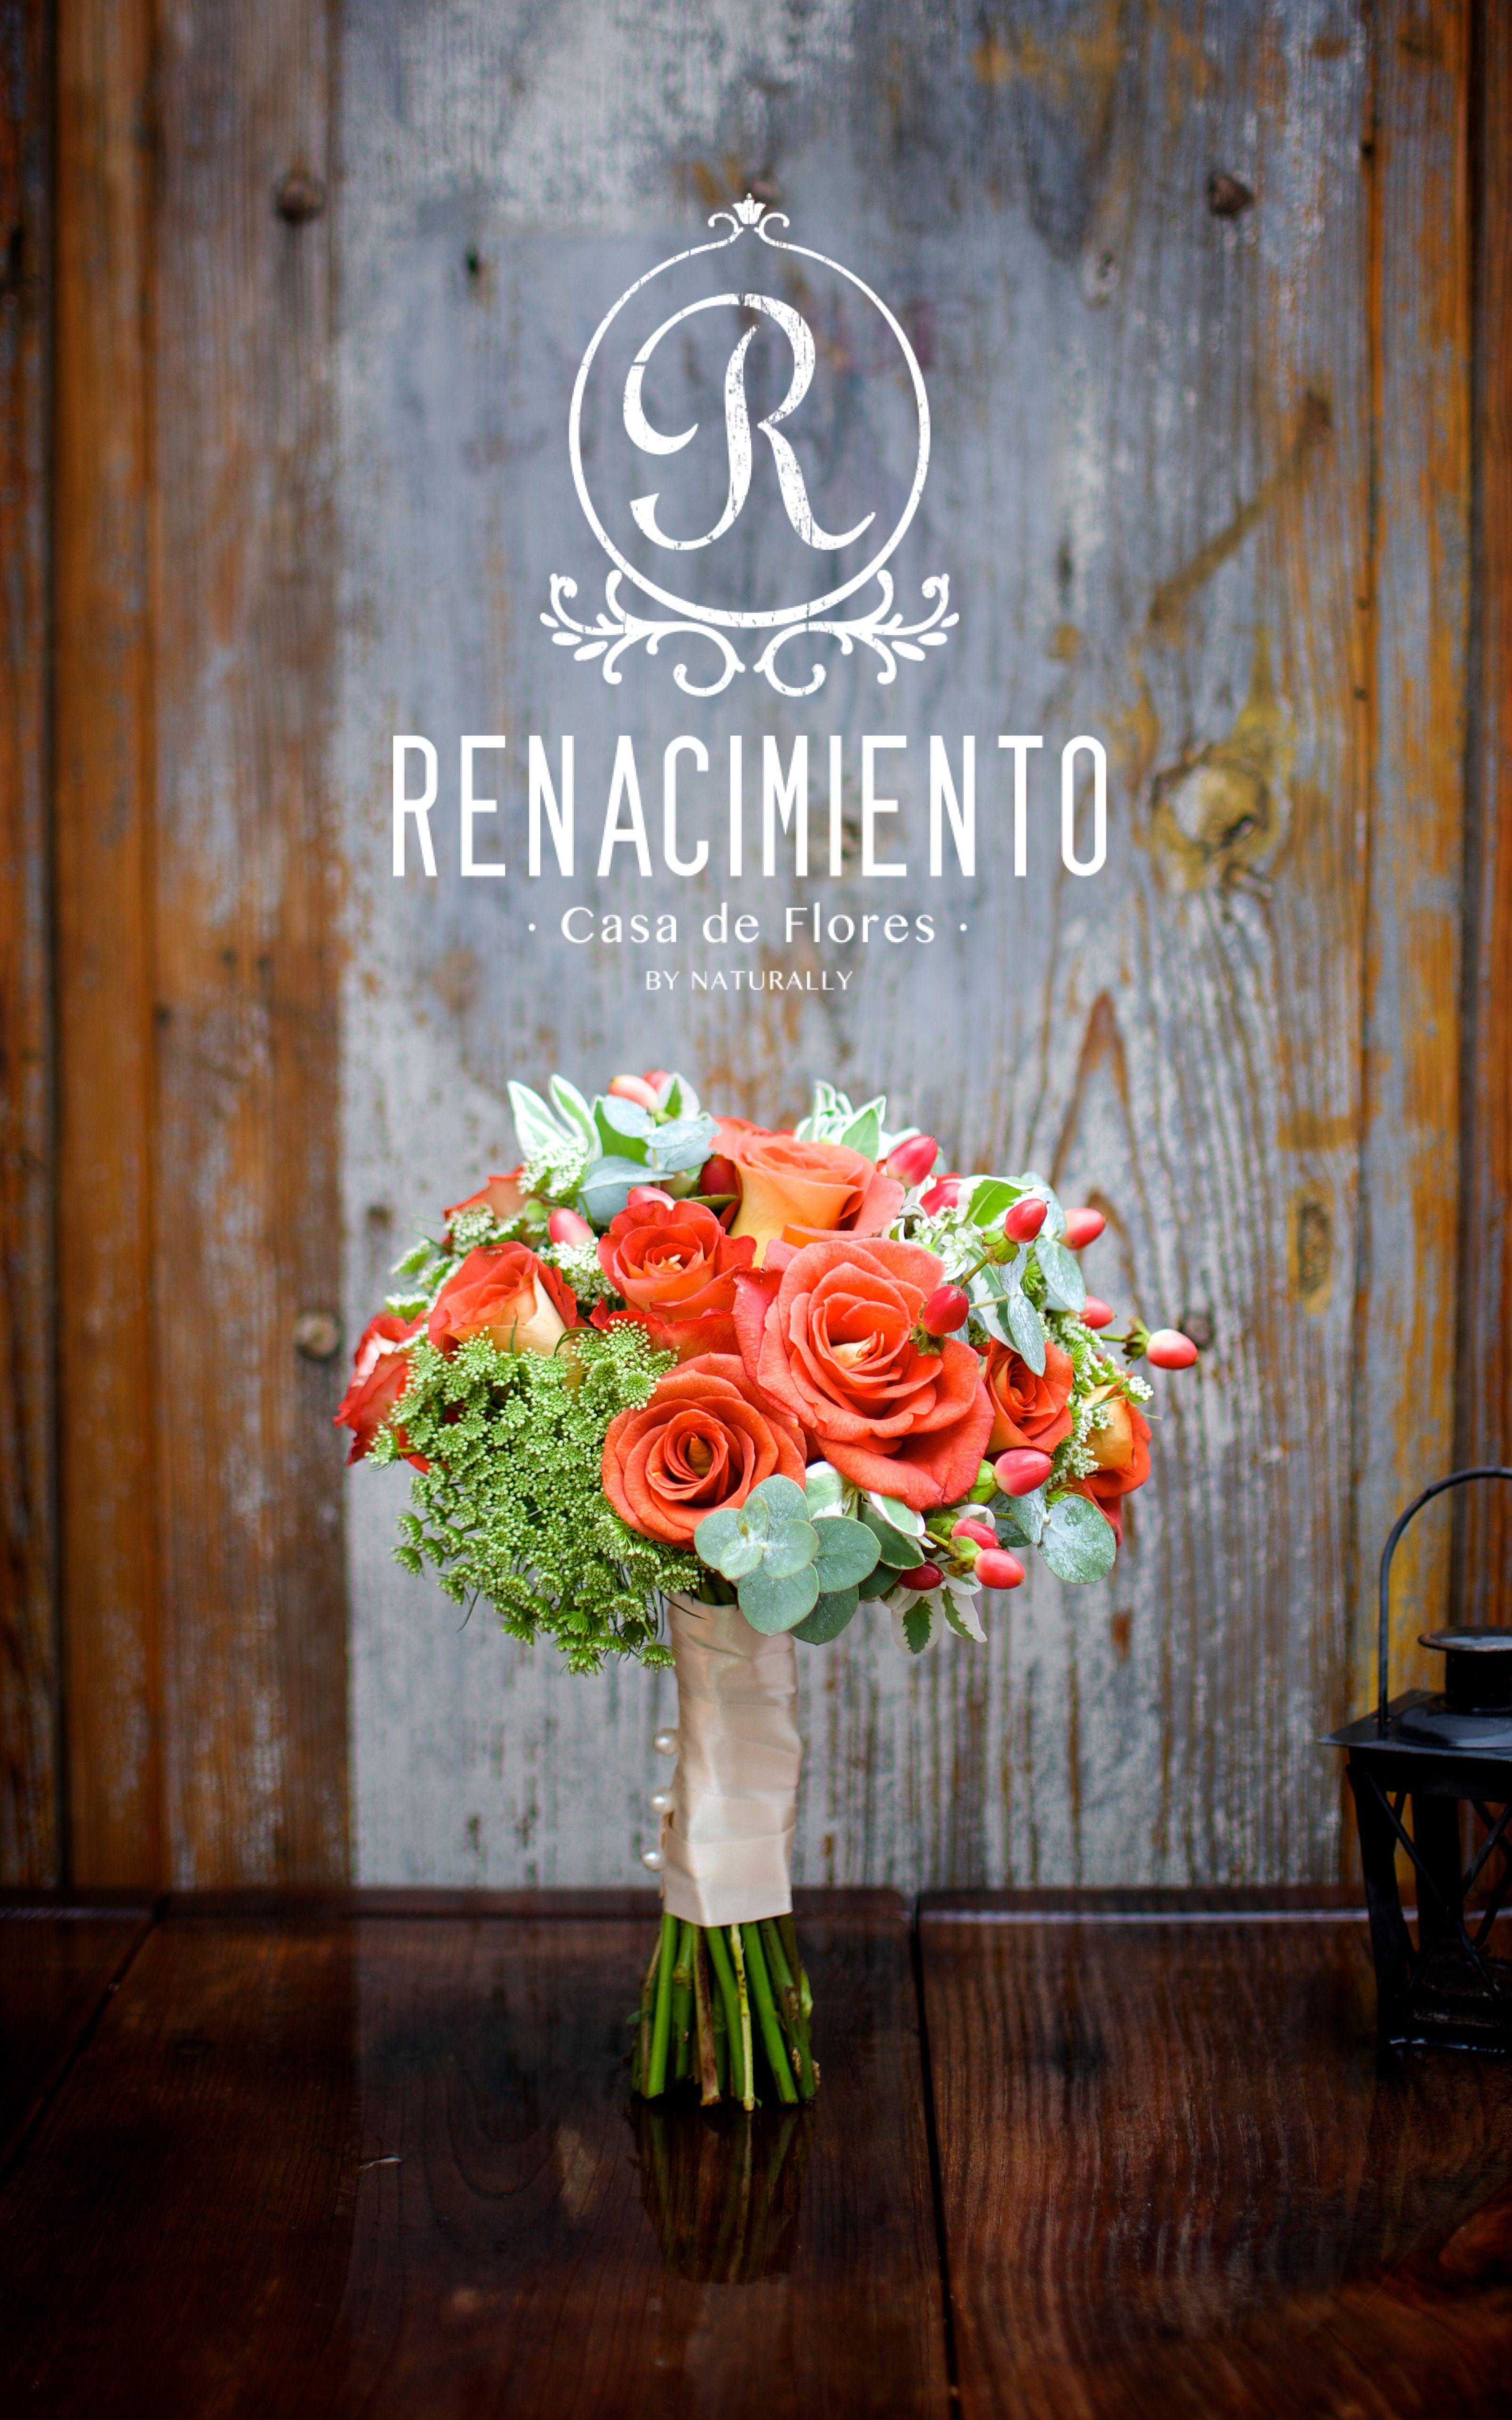 Wedding Bouquet by ©Renacimiento Casa de Flores.